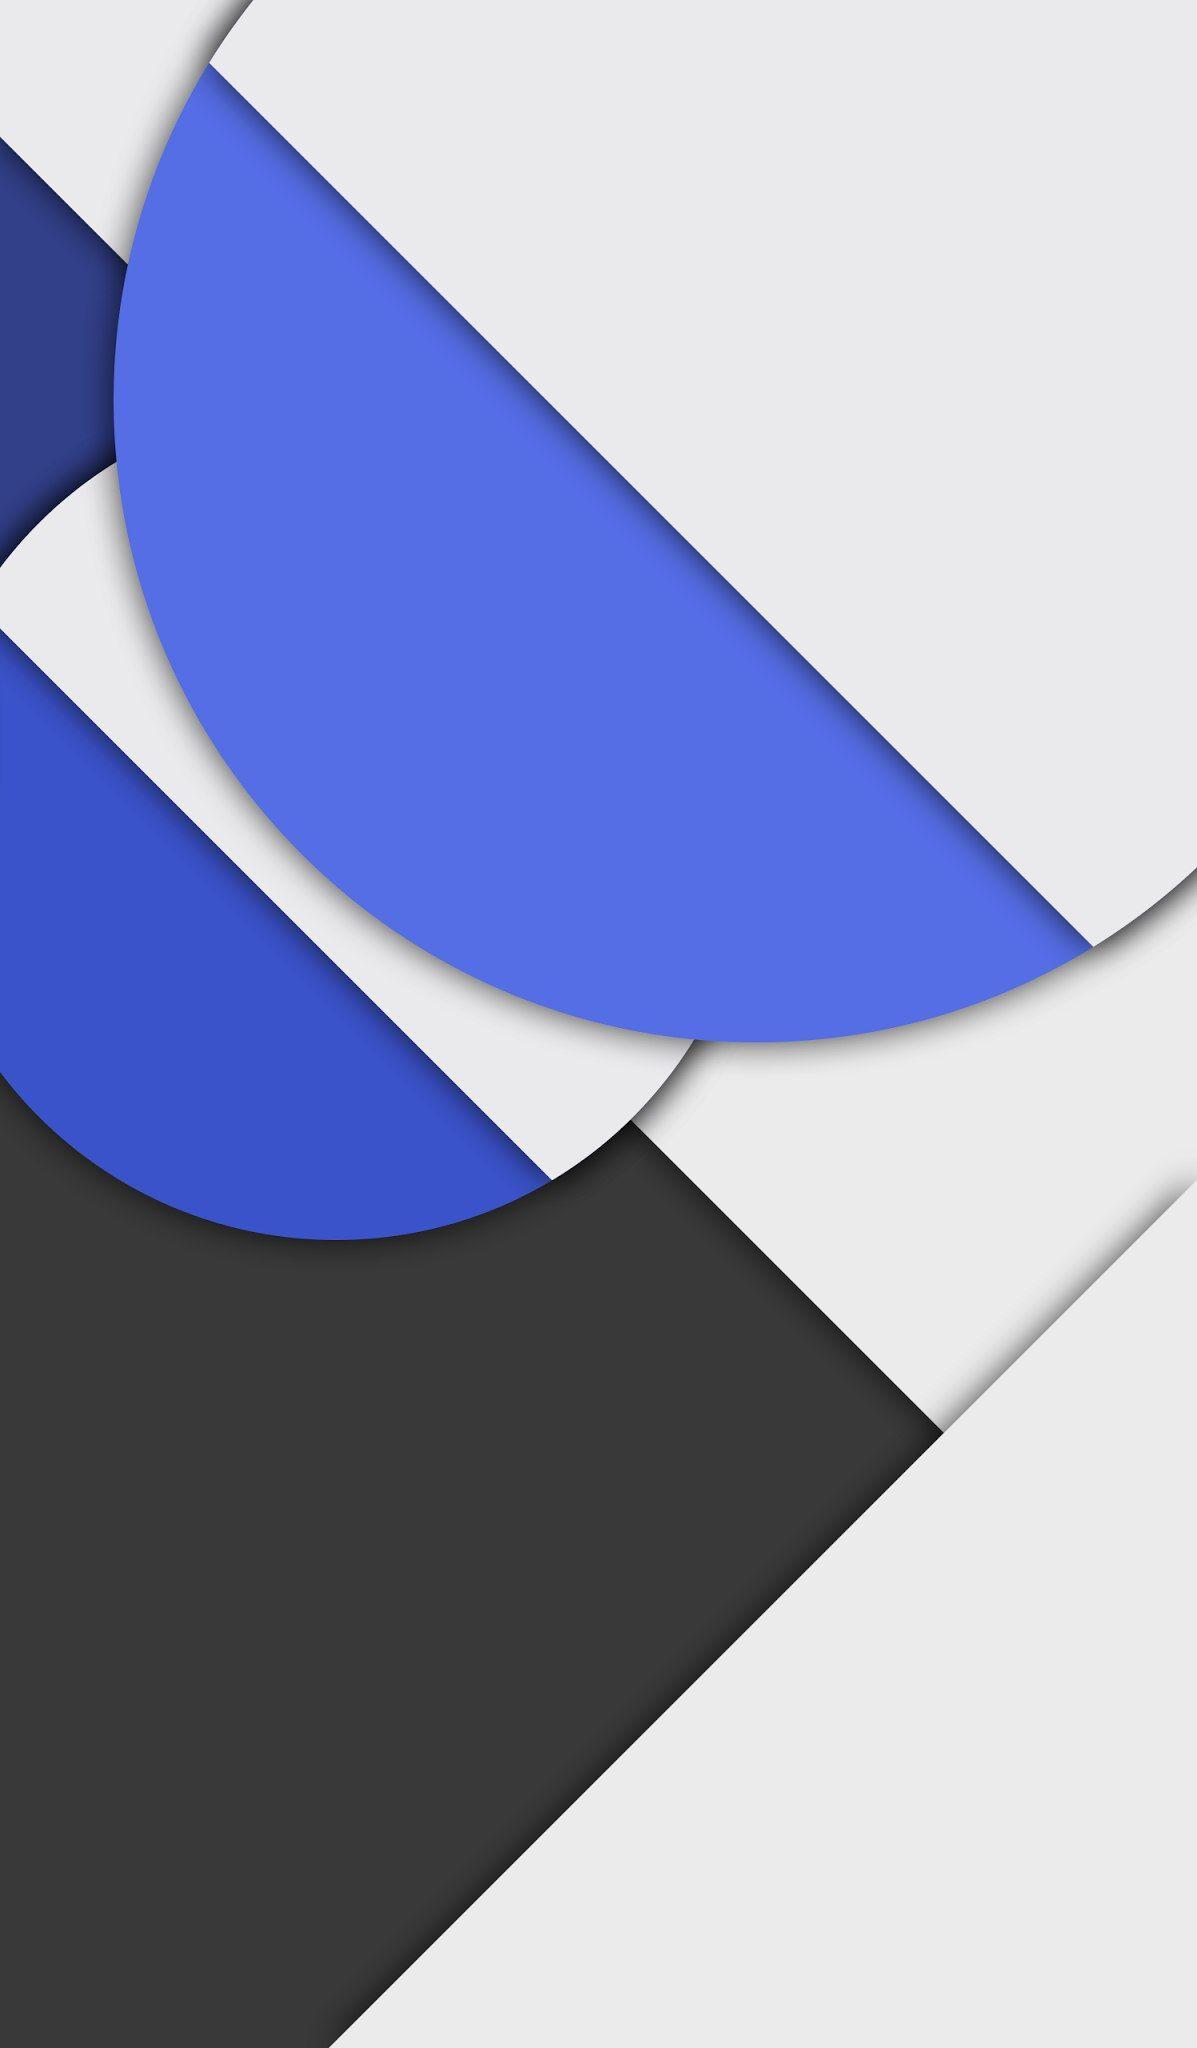 Material Design Wallpaper Android Material Design Material